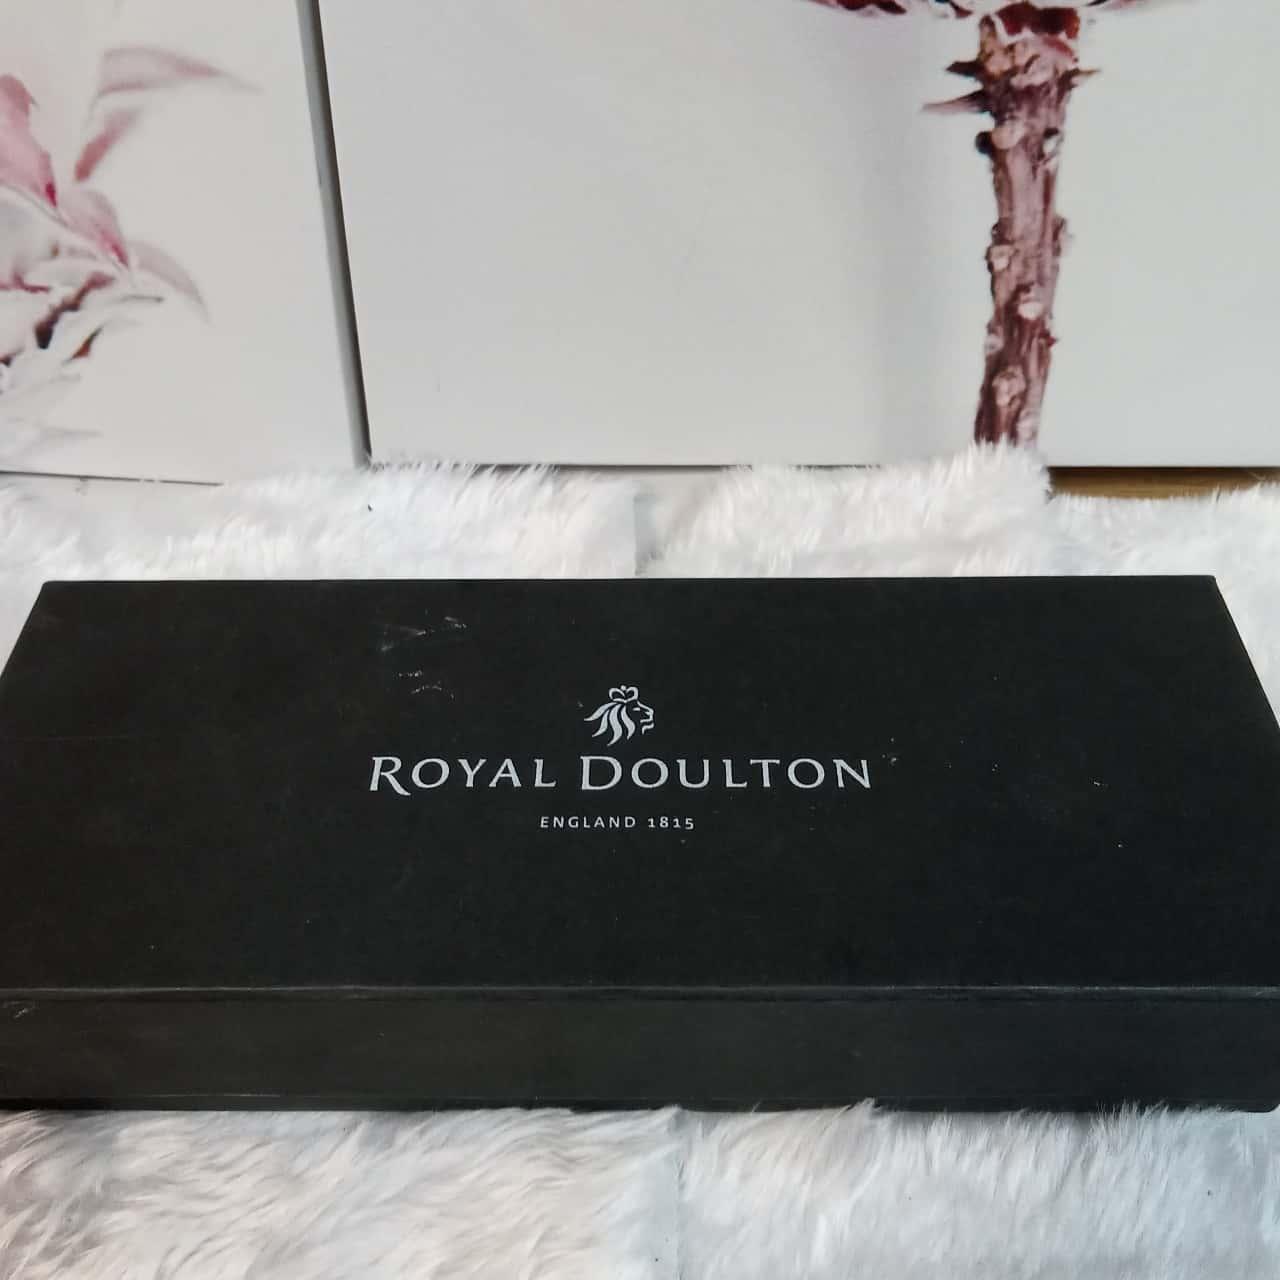 Royal Doulton 3x glass photo frames